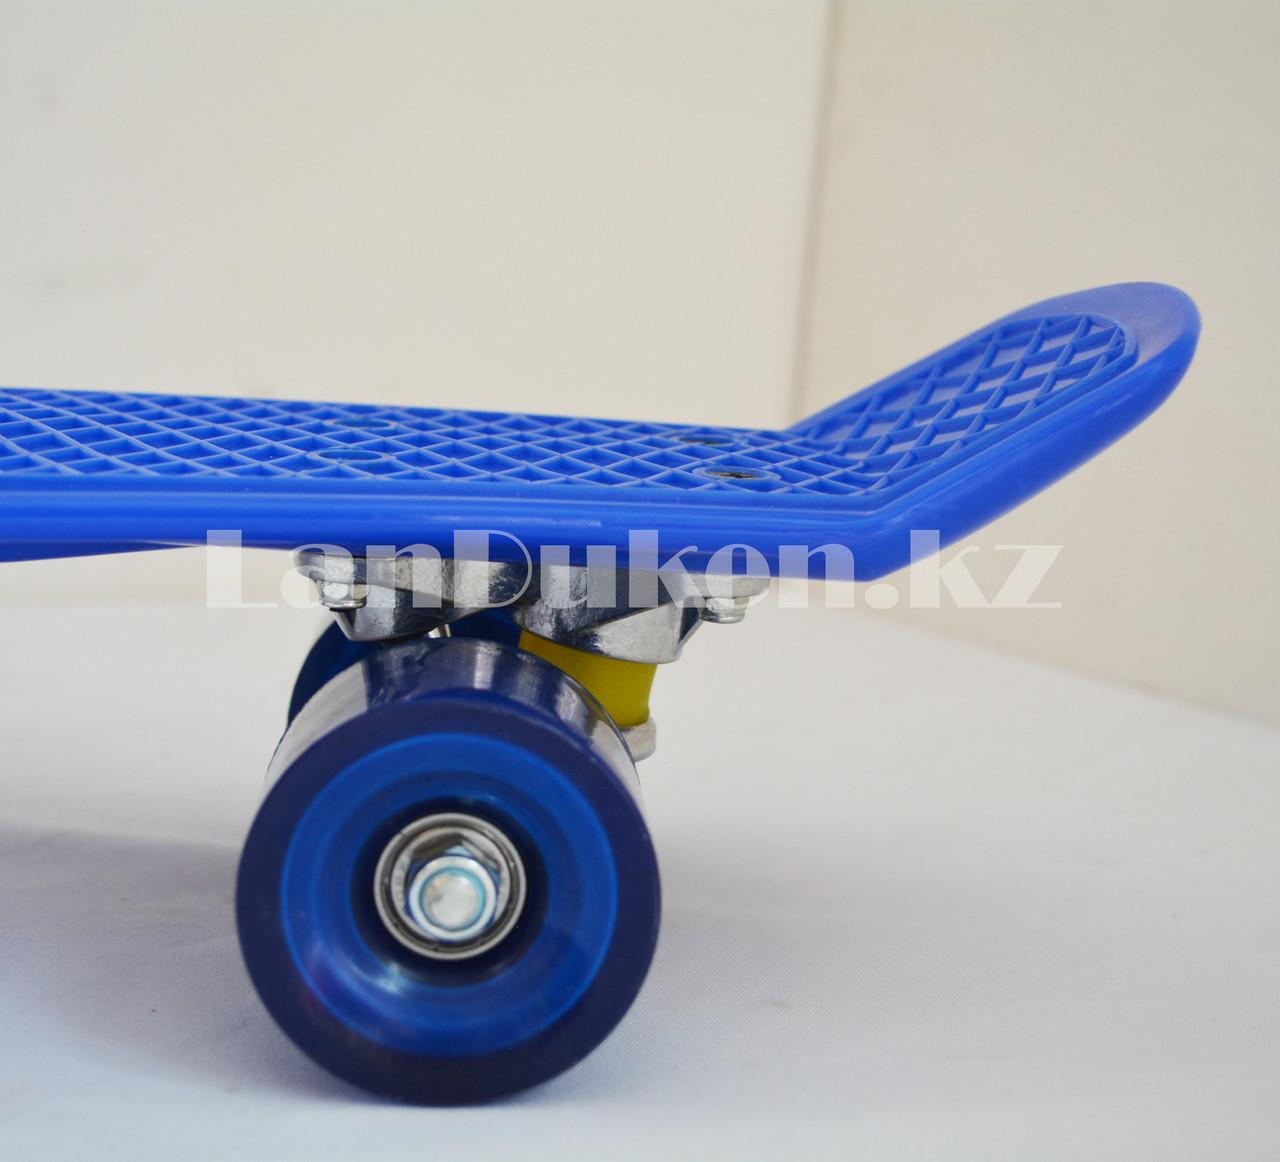 Пенни борд подростковый 56*15 Penny Board с гелевыми колесами синий - фото 4